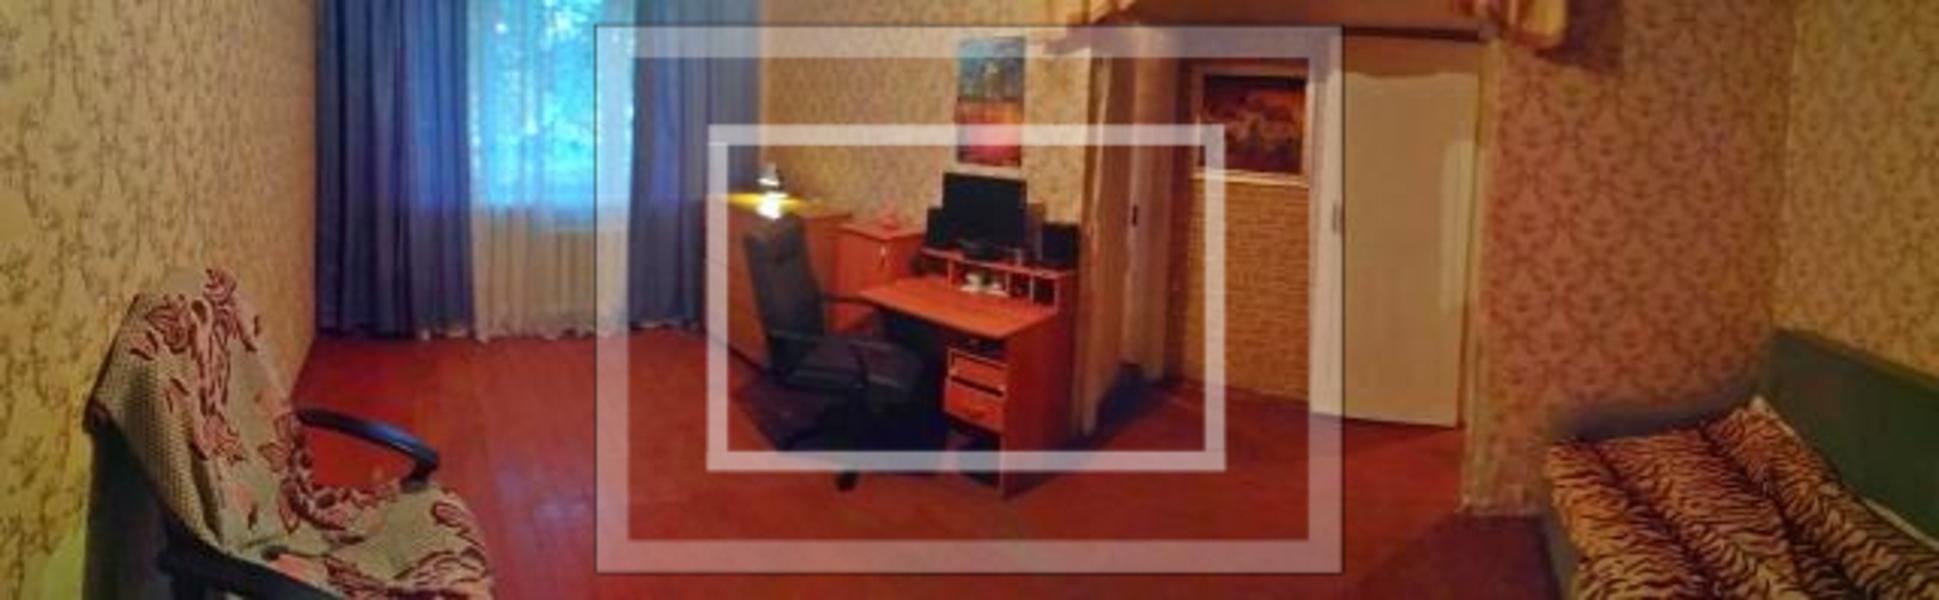 1 комнатная квартира, Харьков, Новые Дома, Героев Сталинграда пр. (547786 1)